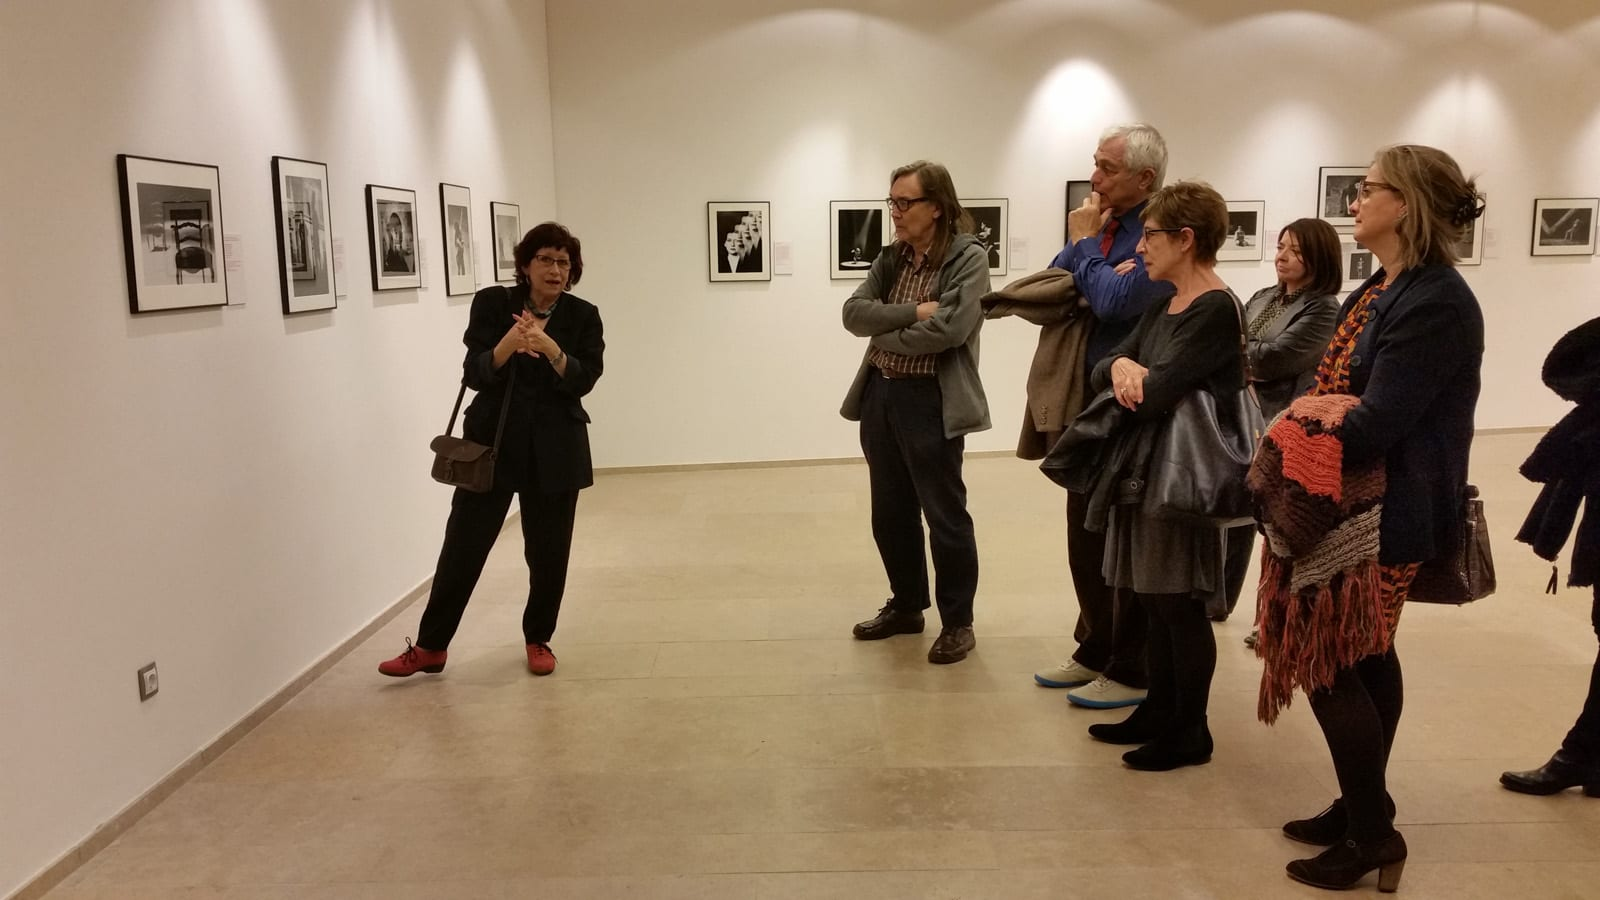 Visita guiada a l'exposició Emocions 6/11/2014